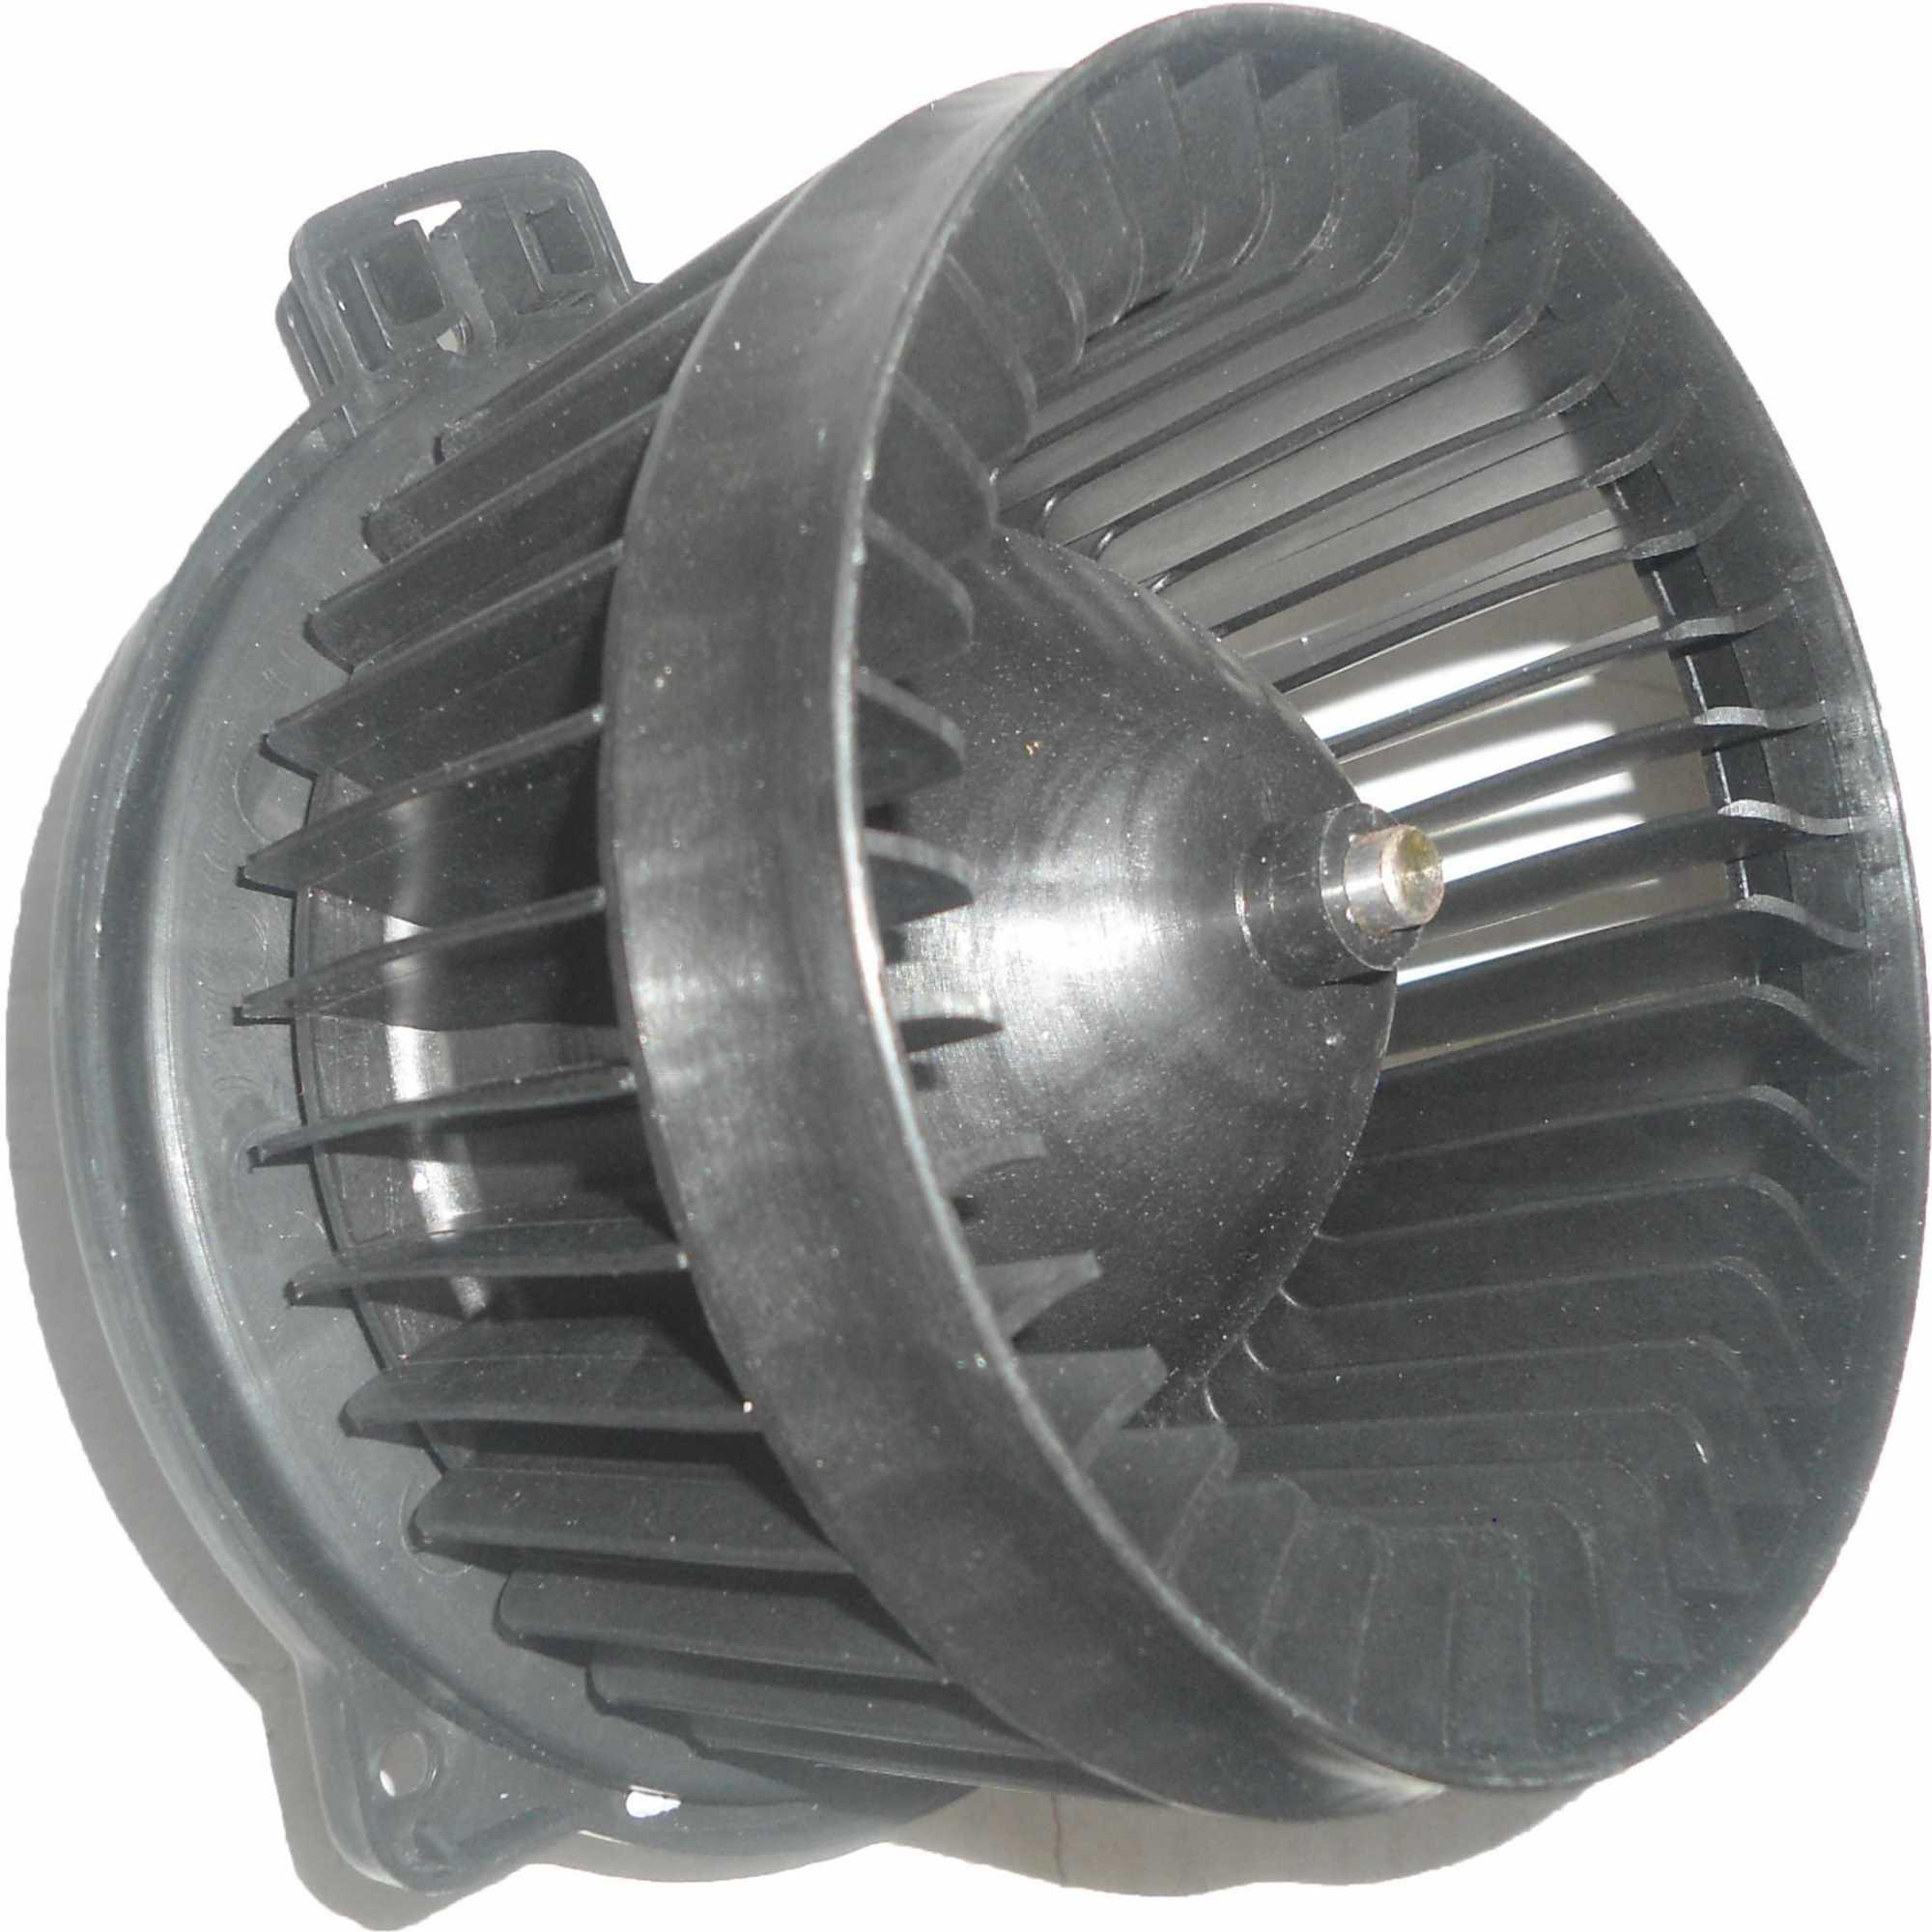 Motor Caixa Evaporadora - Fit 0308